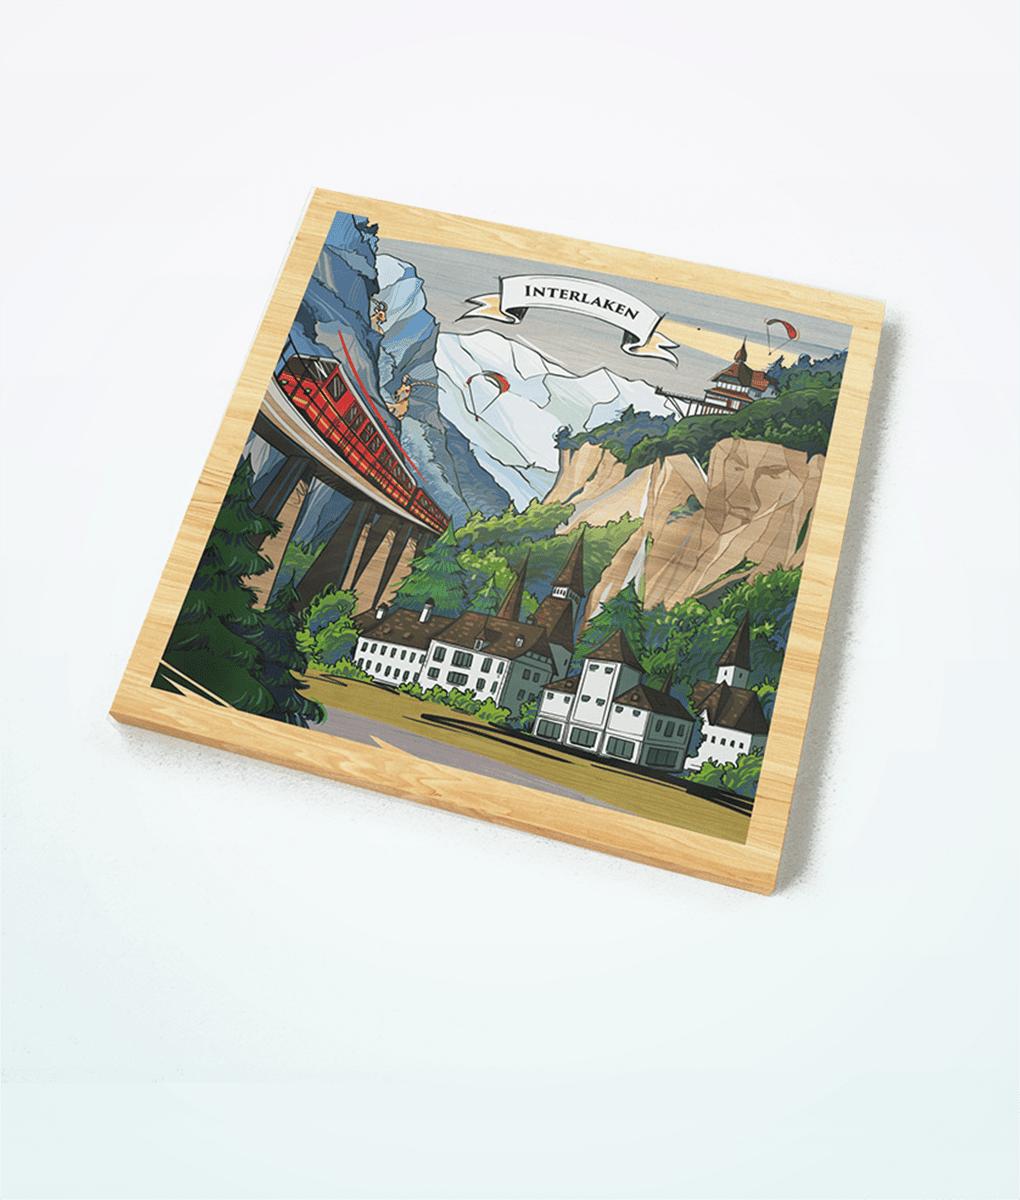 varsys-interlaken-wooden-magnet